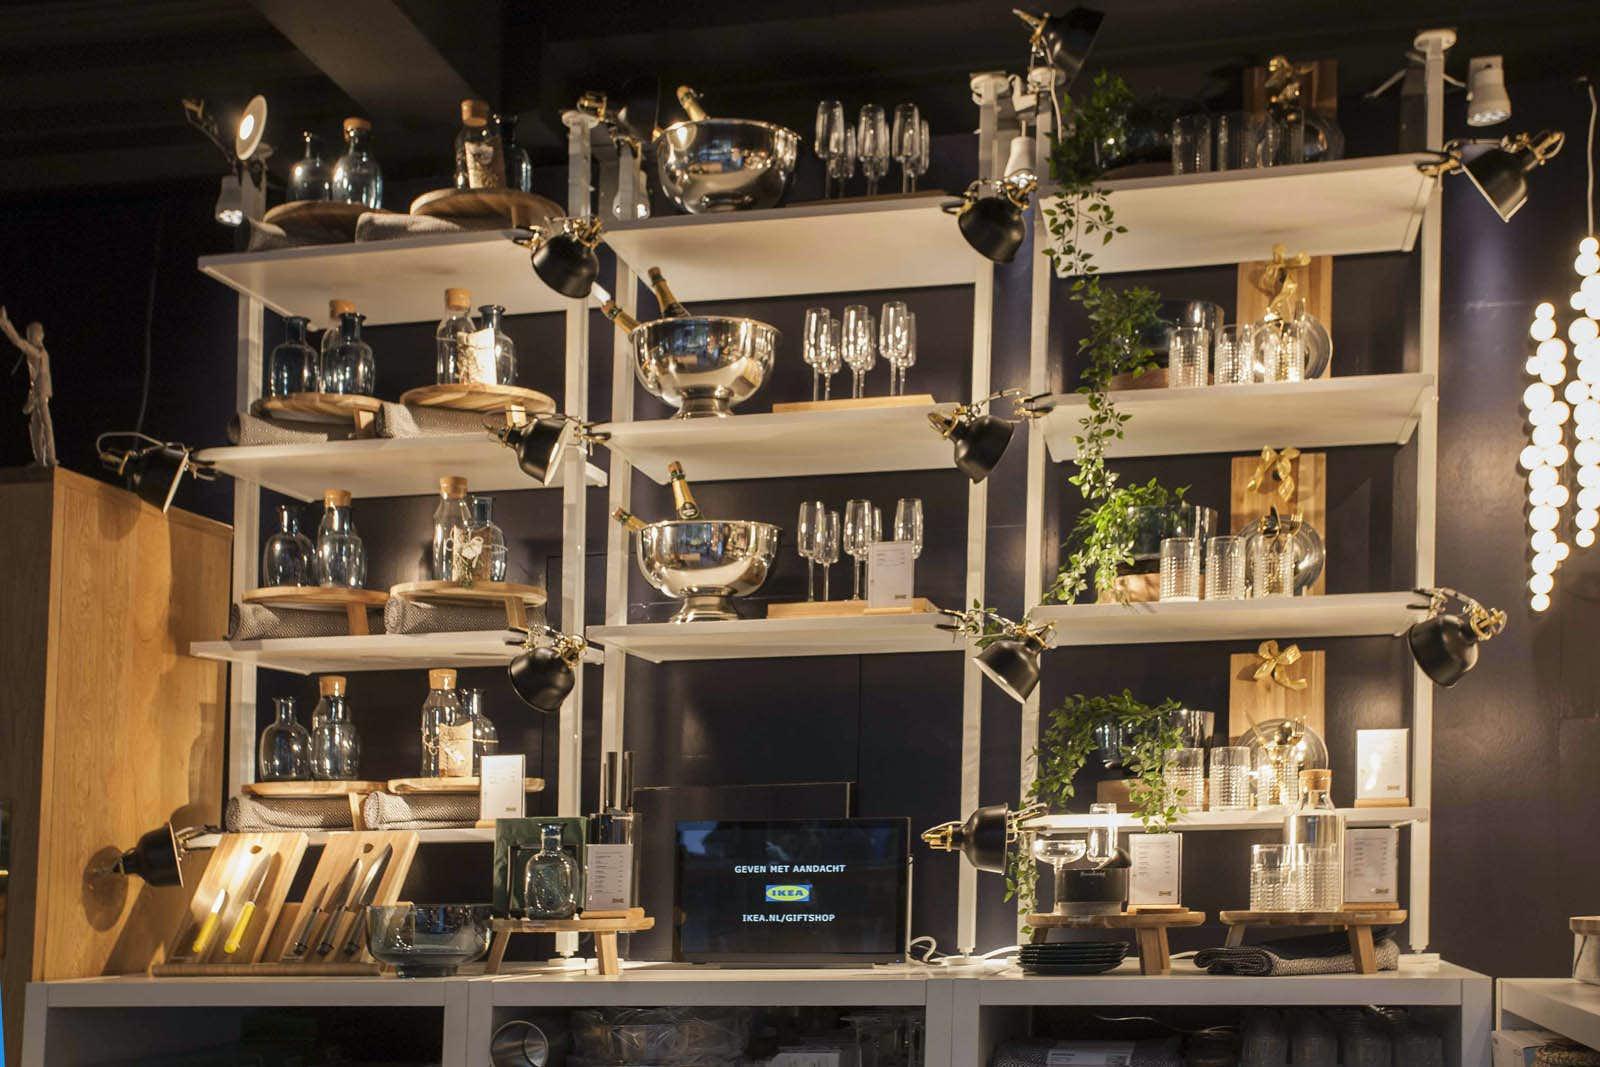 Ikea Slaapkamer Assortiment : De nieuwe ikea aan het vredenburgplein is open de utrechtse